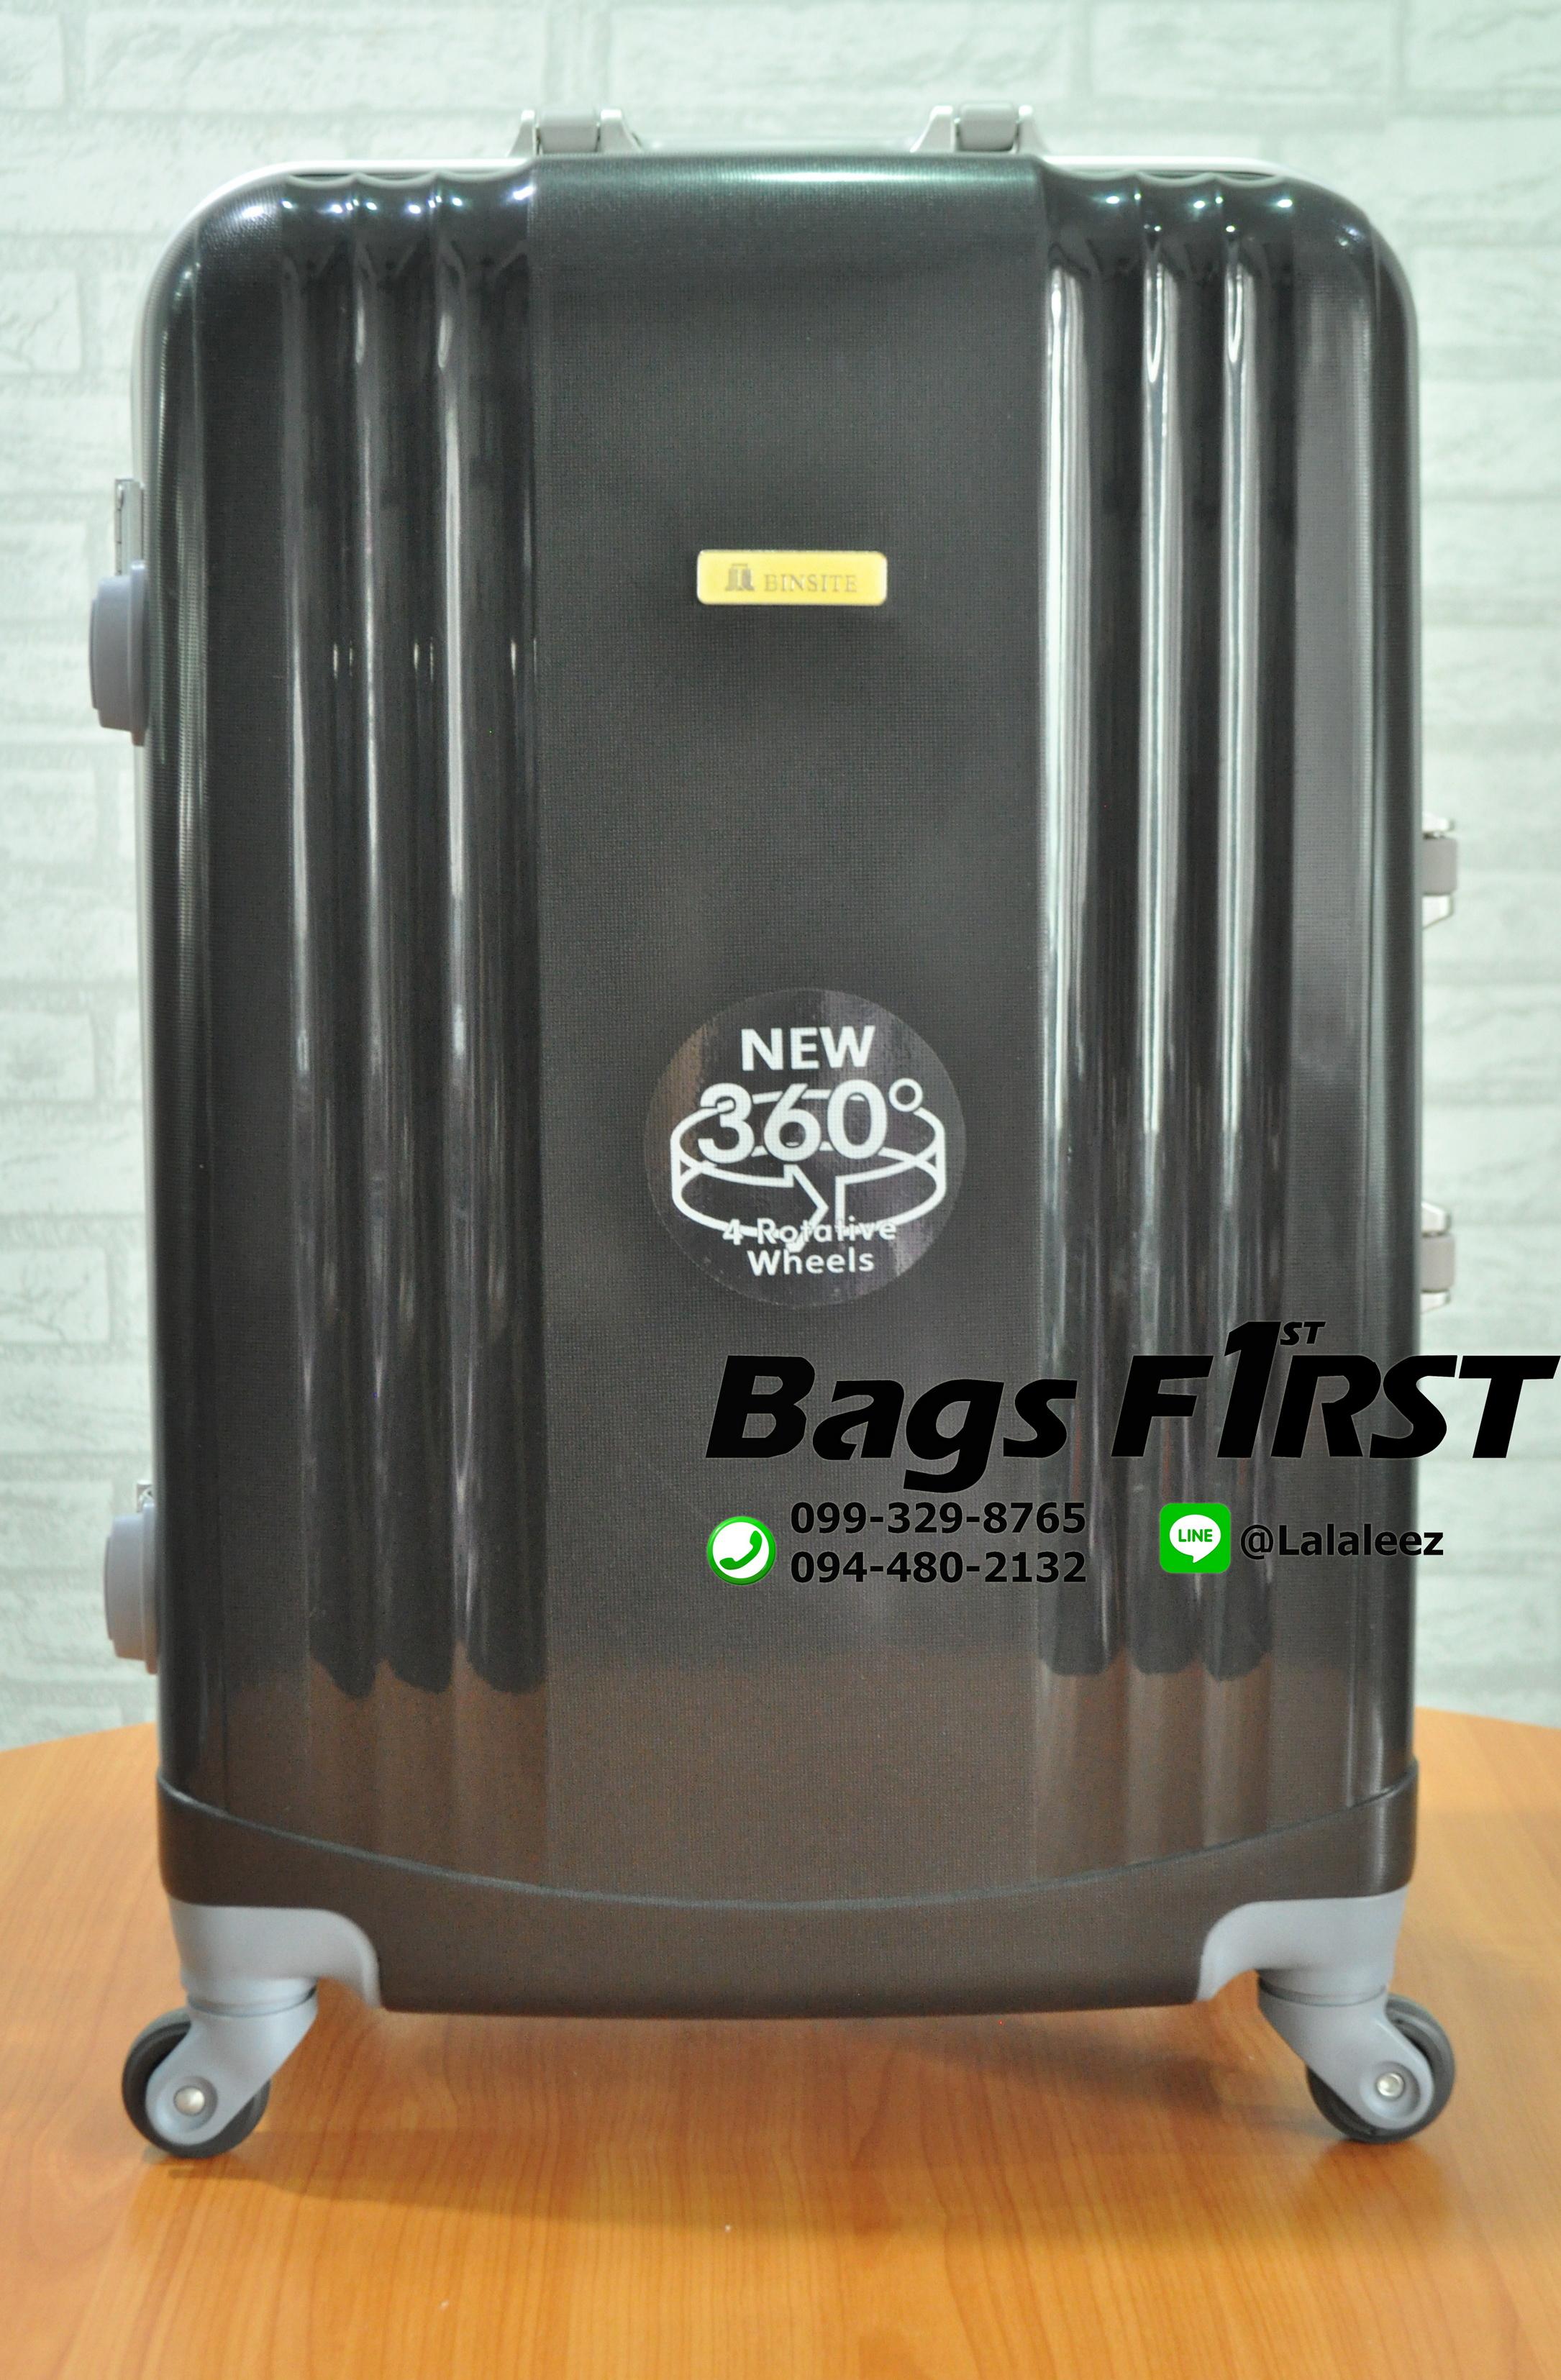 กระเป๋าเดินทาง ไฟเบอร์ ขนาด 24 นิ้ว ขอบอลูมิเนียม สีดำ